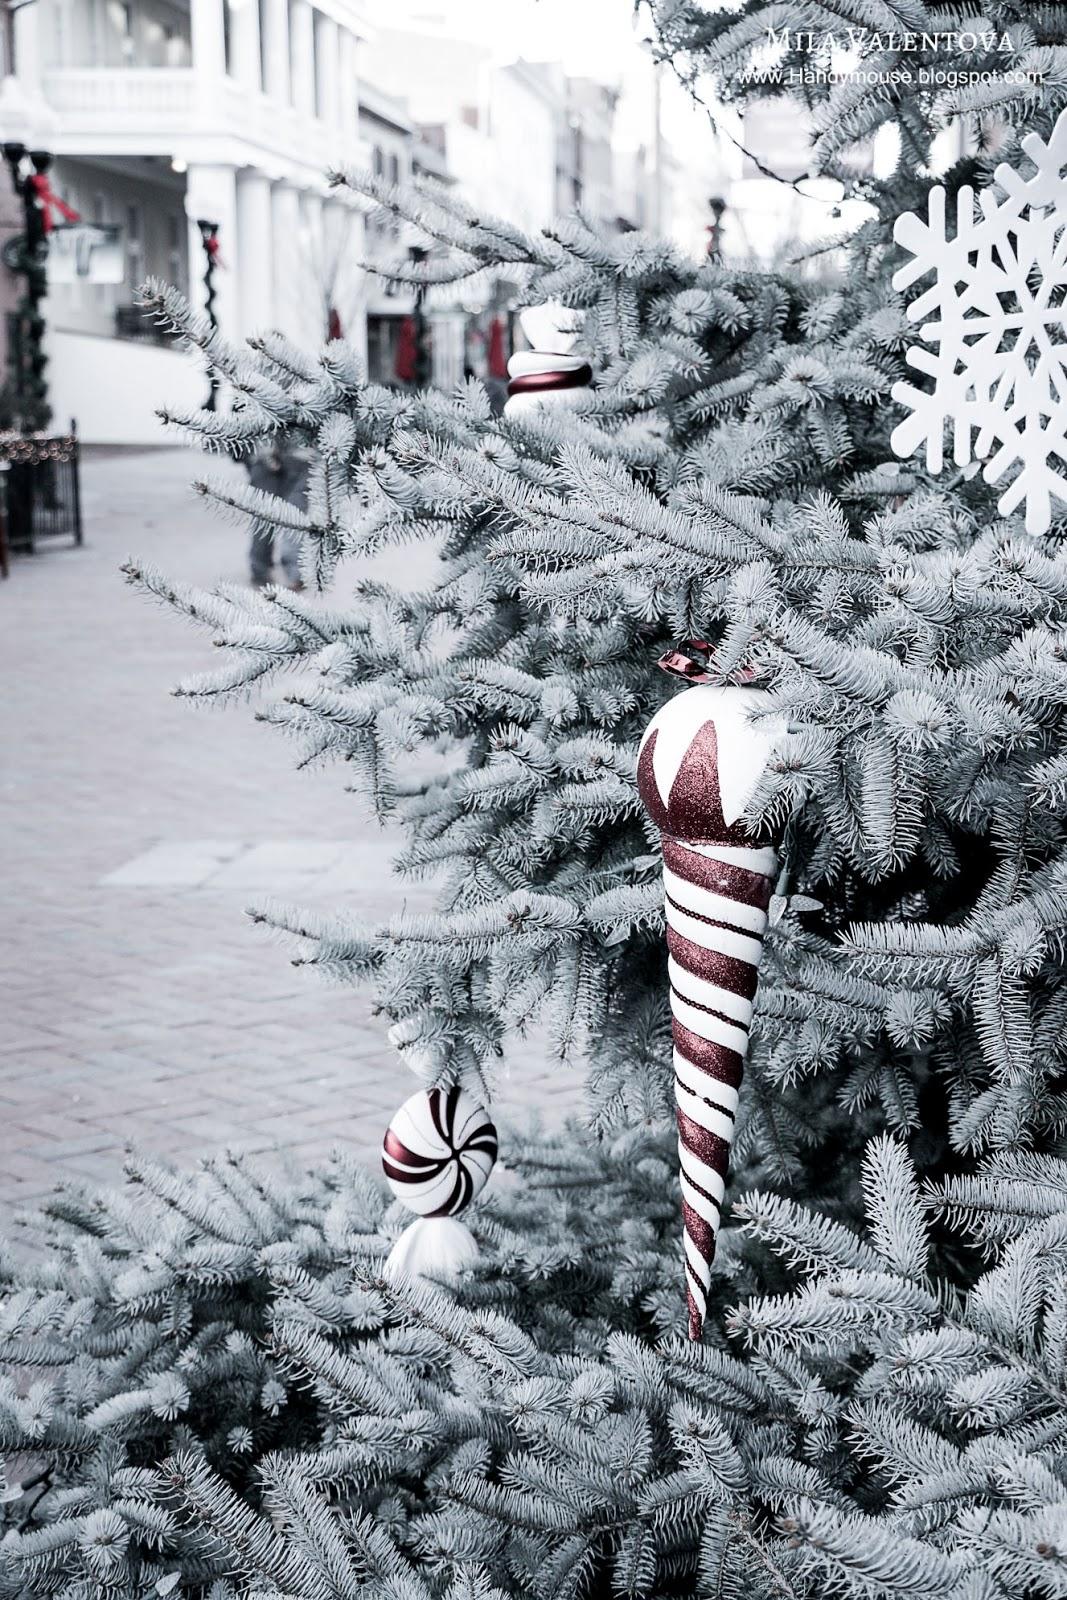 Фотография Новогодние игрушки на елке. Мила Валентова.